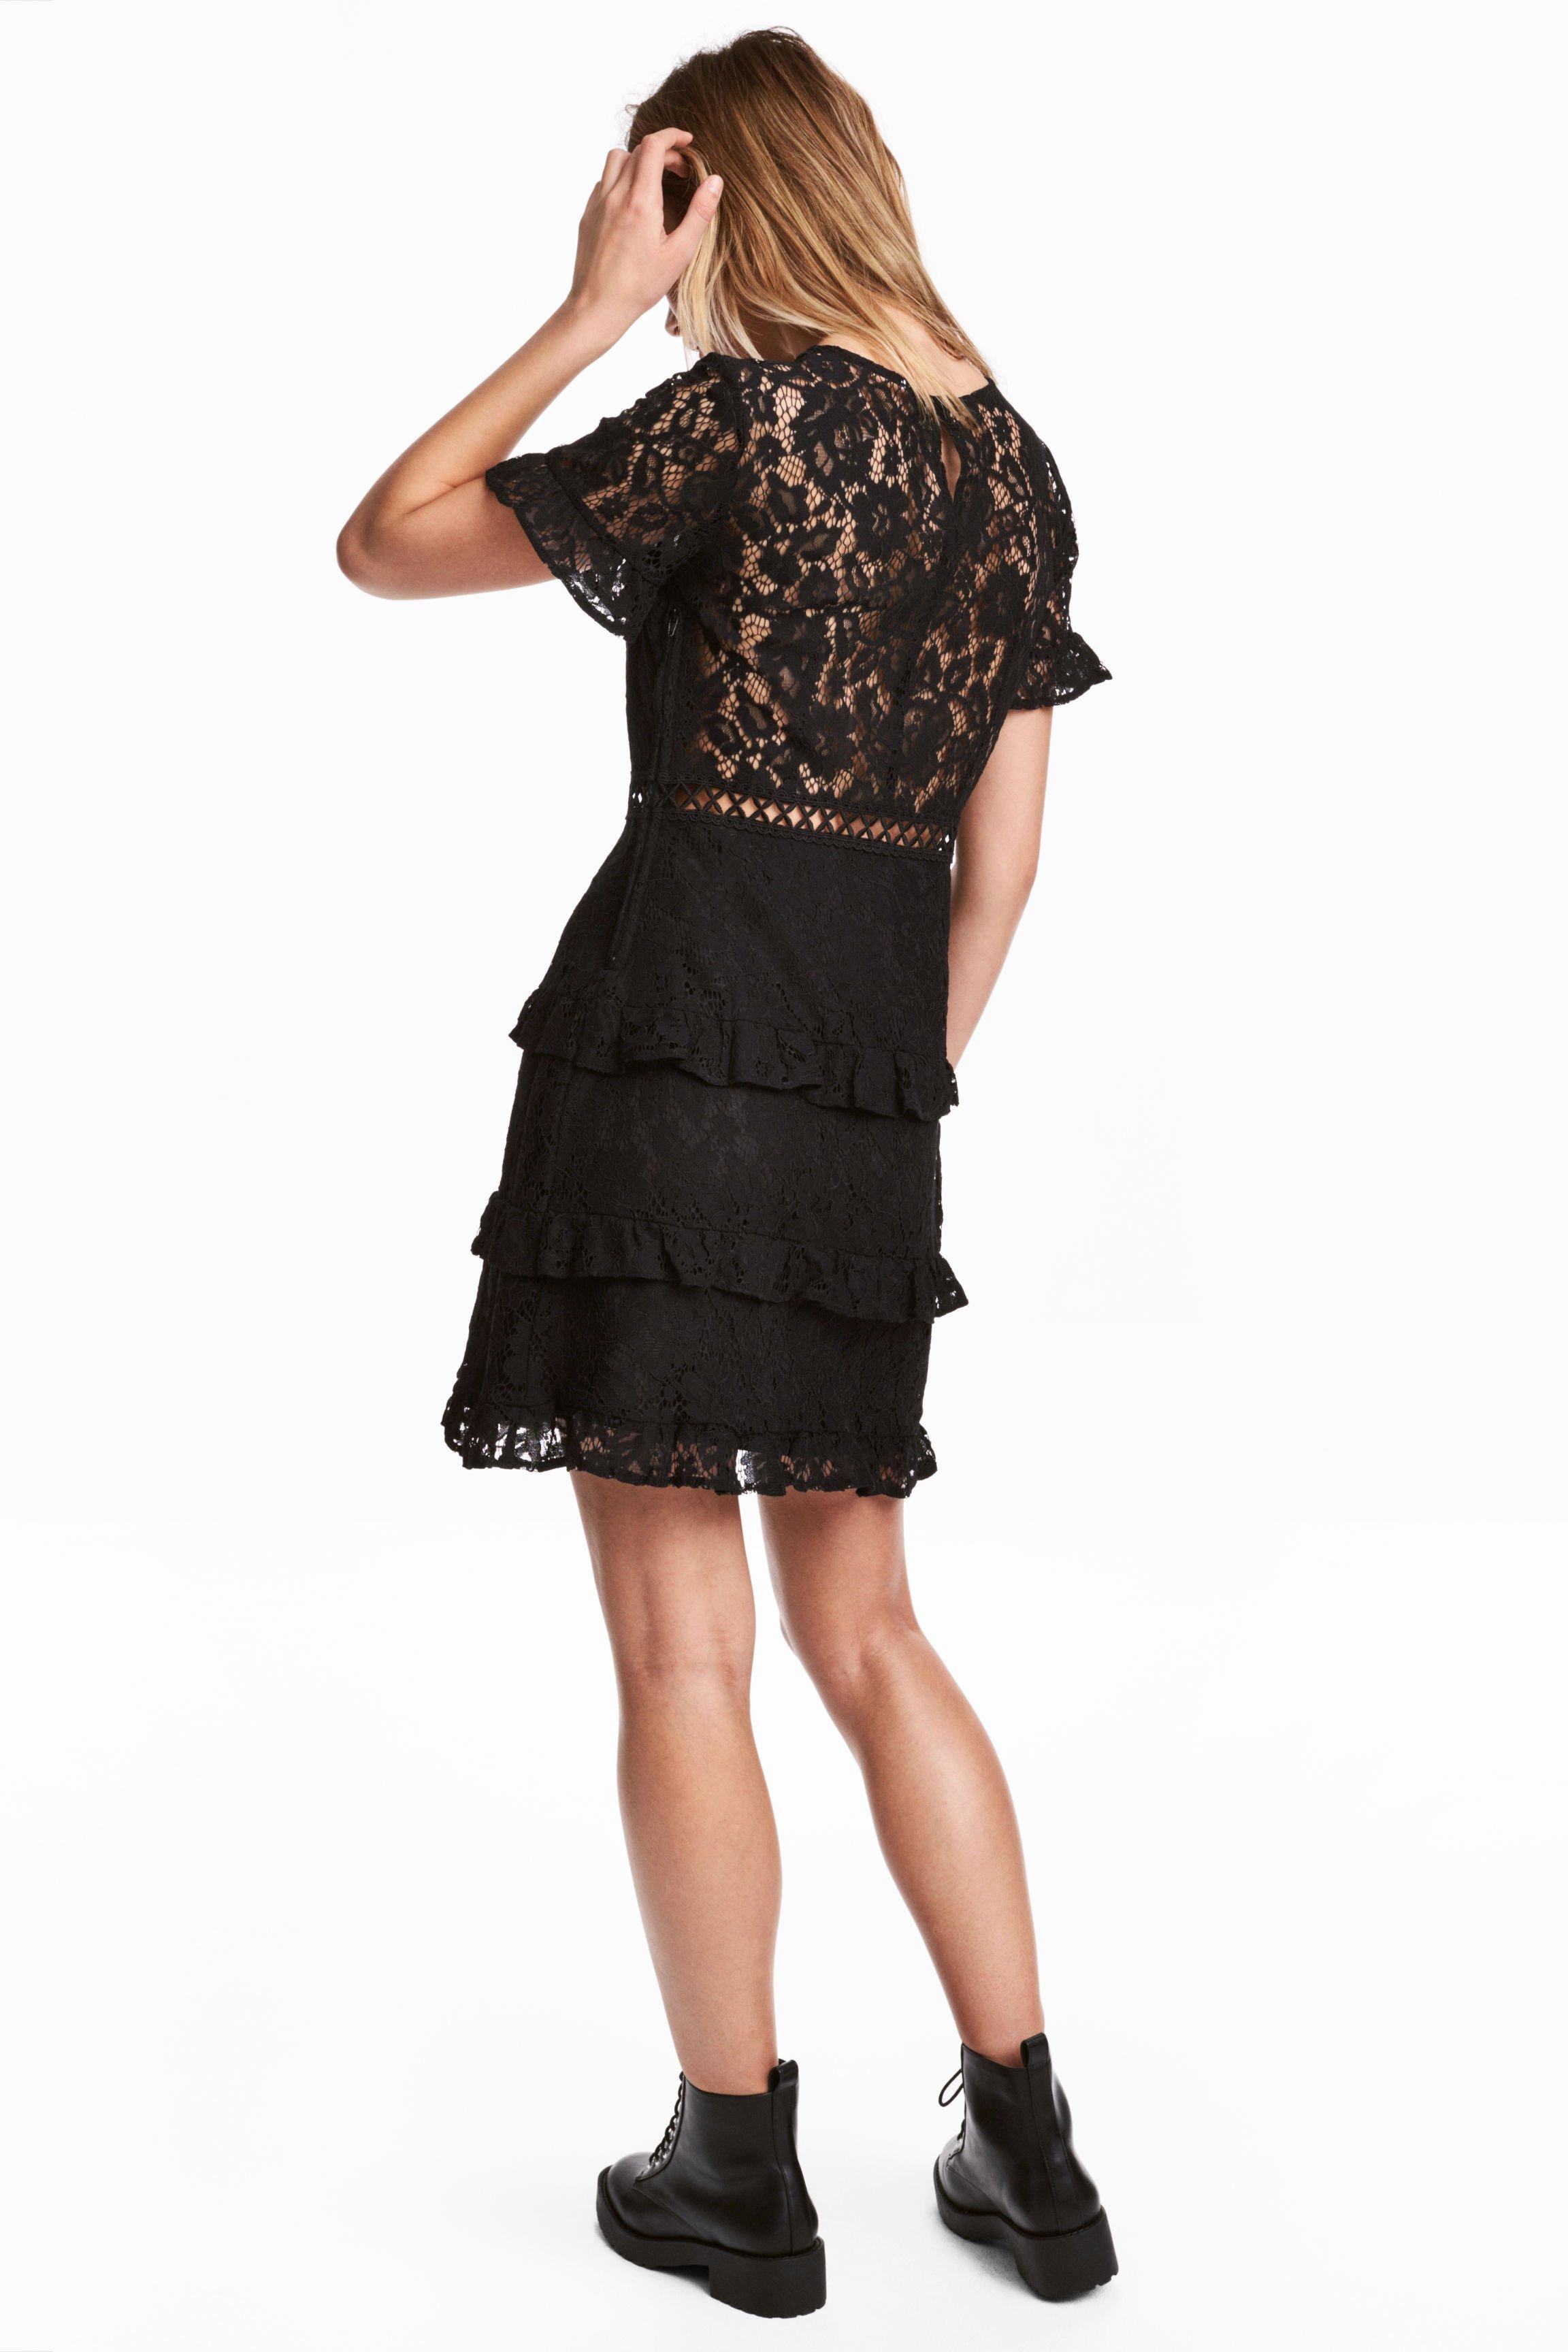 e5c94f47bd8f H & M Lace Black Dress - We Select Dresses